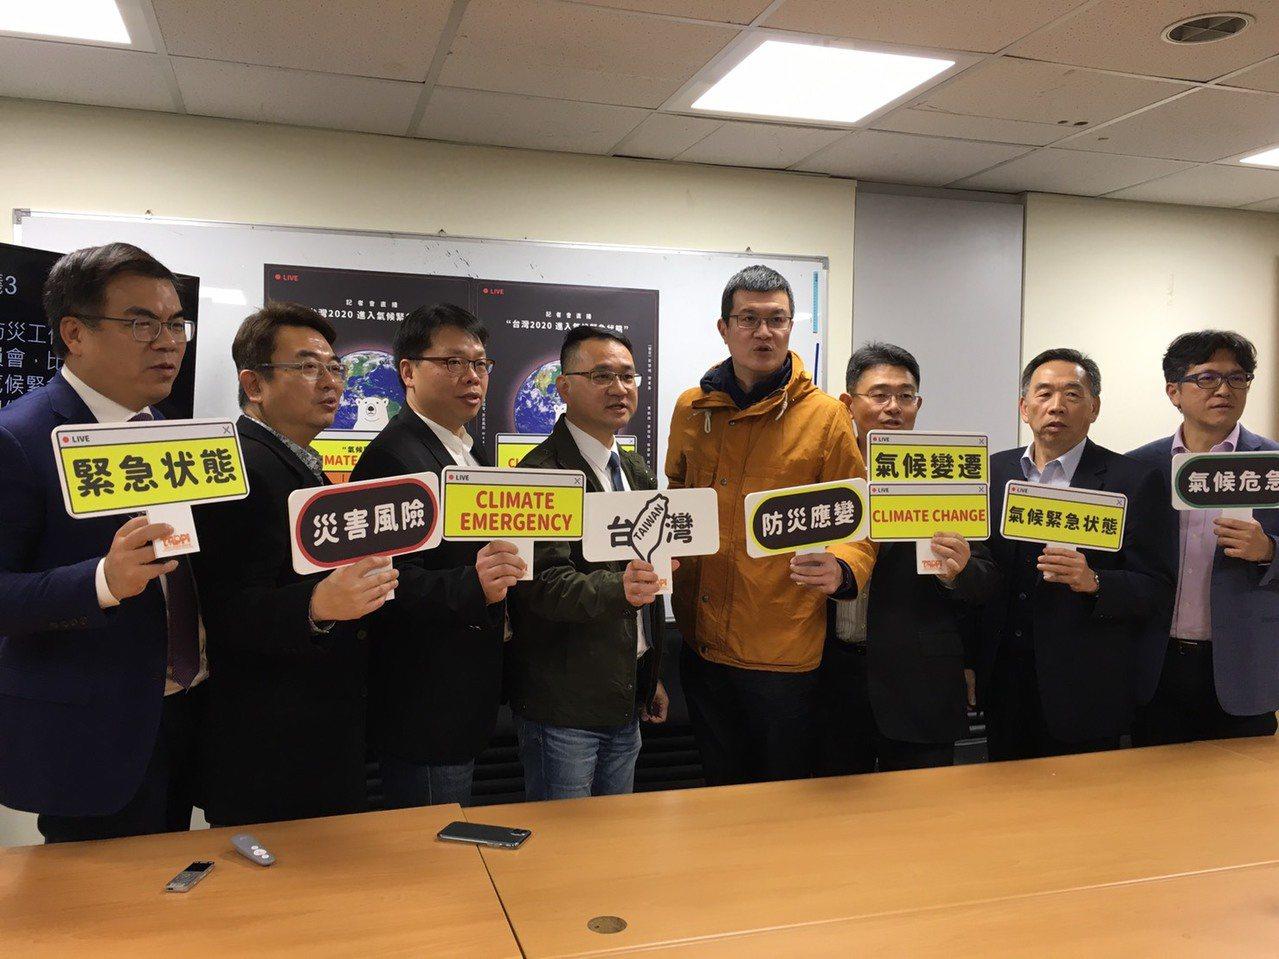 台灣防災產業協會今率各領域專家學者,呼籲政府面對氣候緊急狀態要有更積極作為。記者...